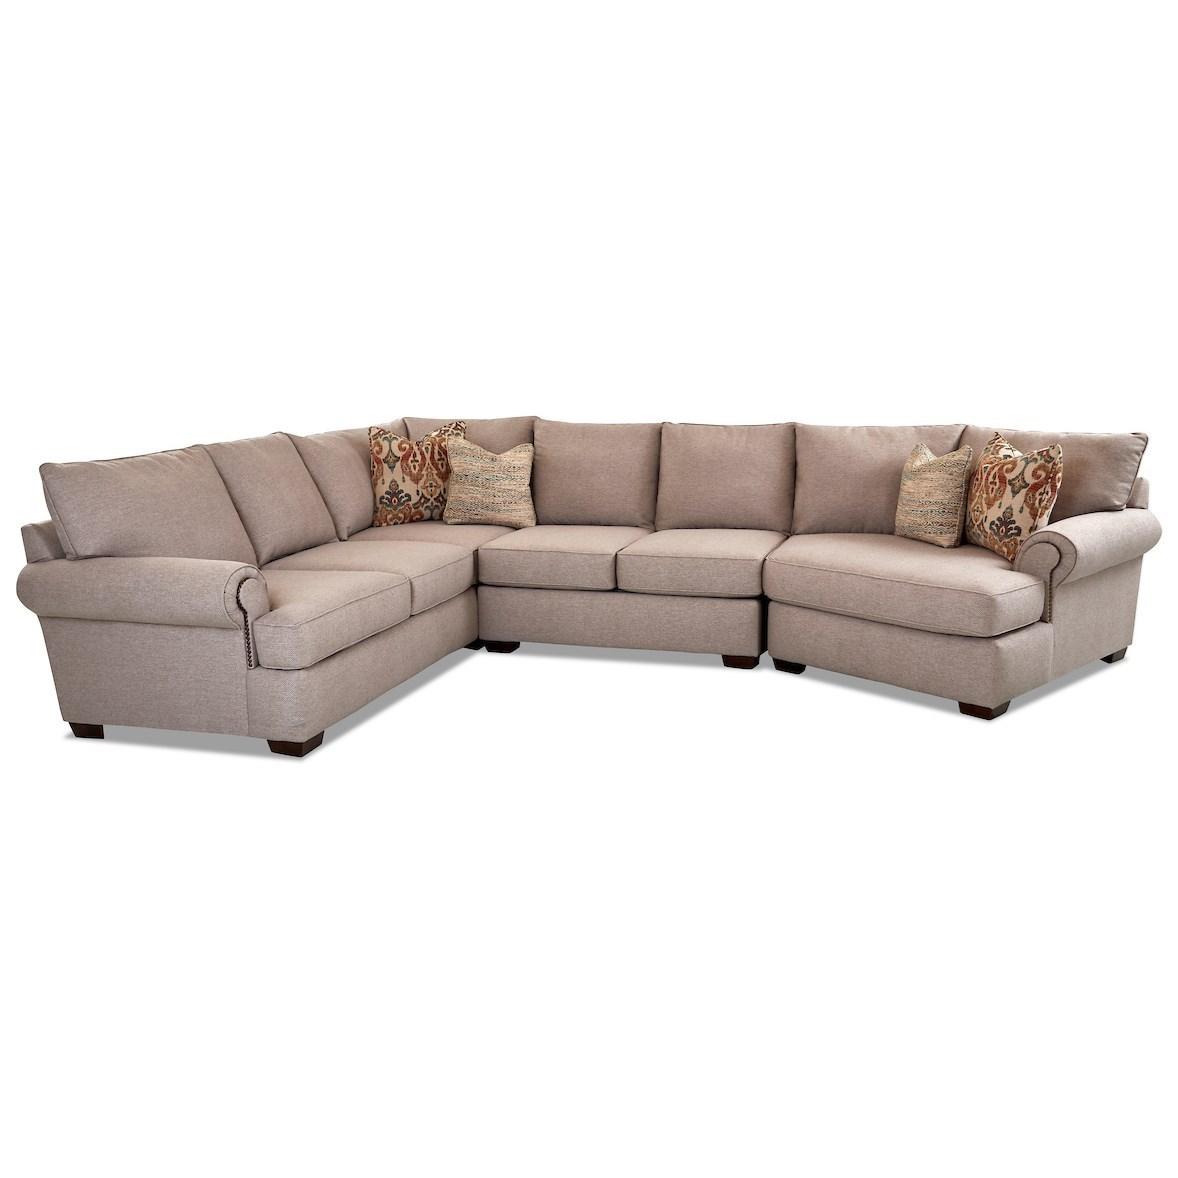 5-Seat Sectional Sofa w/ RAF Cuddler Chair